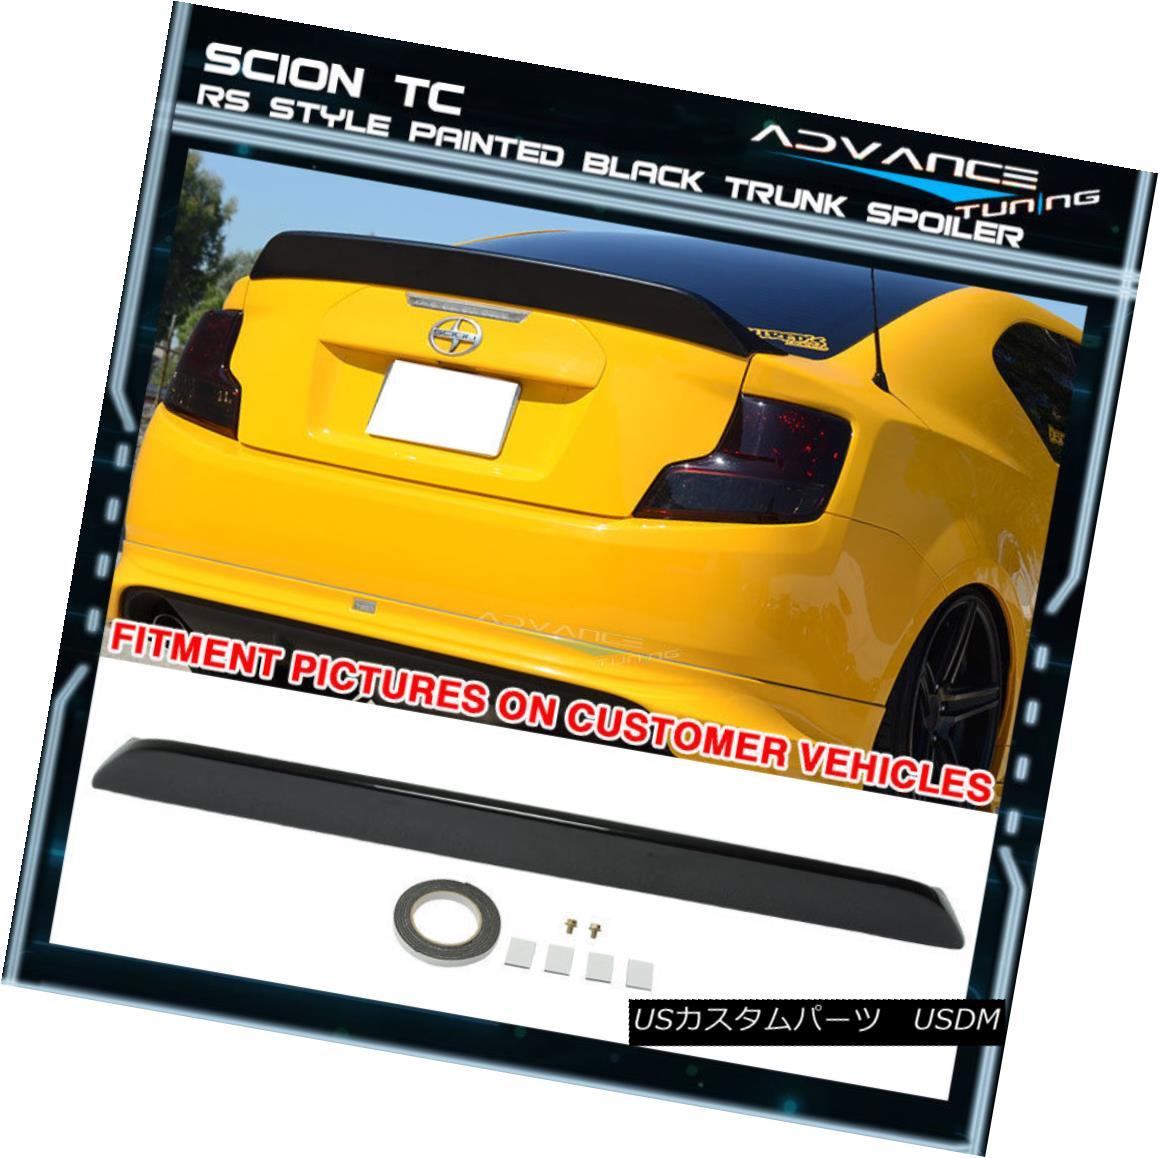 エアロパーツ 11-15 Scion TC RS Style OEM Painted Color # 202 Black Trunk Spoiler (ABS) 11-15サイオンTC RSスタイルOEM塗装カラー#202ブラックトランクスポイラー(ABS)